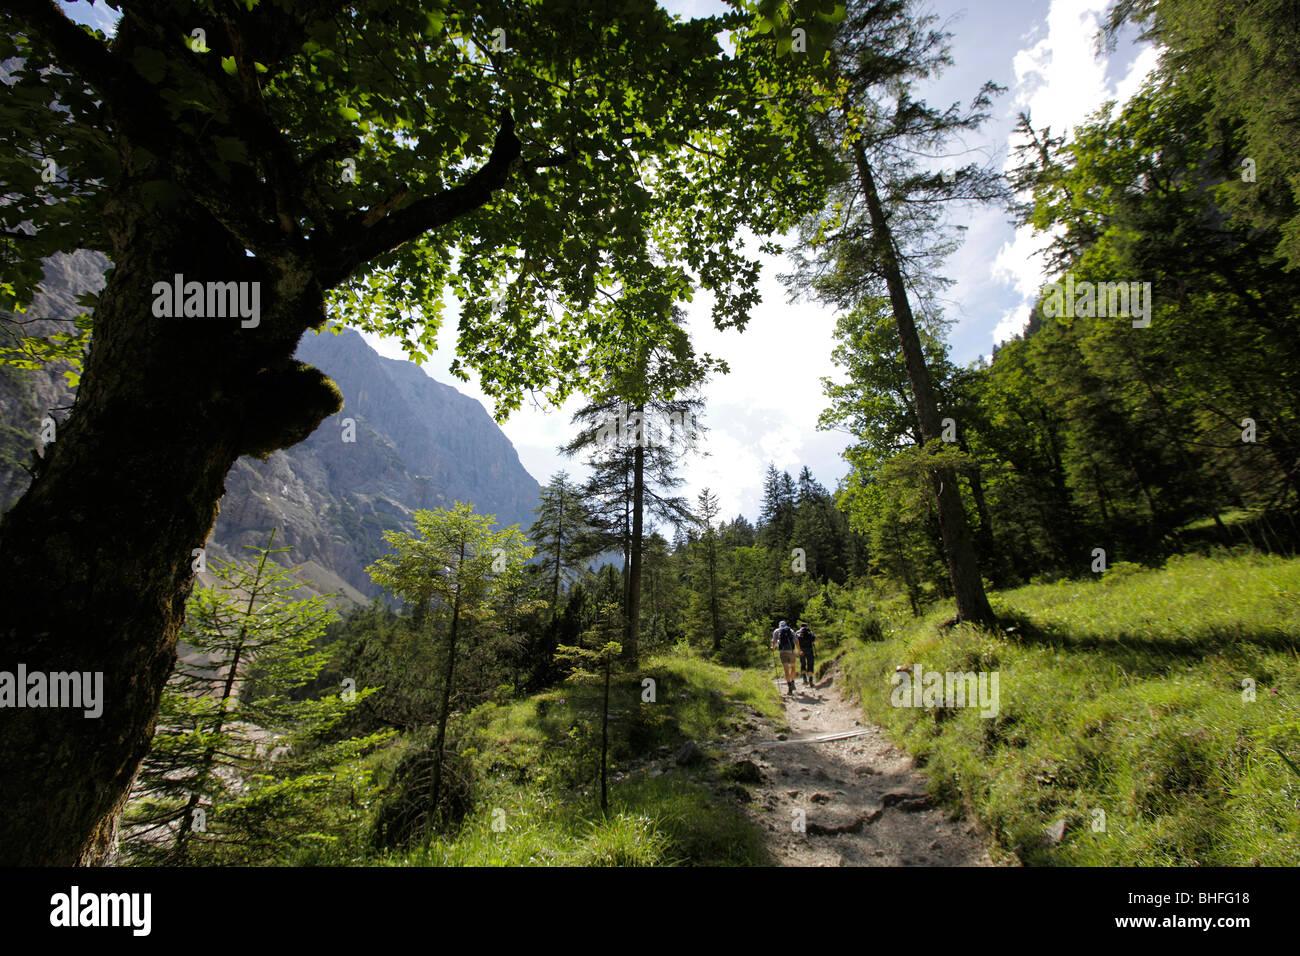 Hiking trail to mount Zugspitze, Rein valley, near Garmisch, Bavaria, Germany - Stock Image